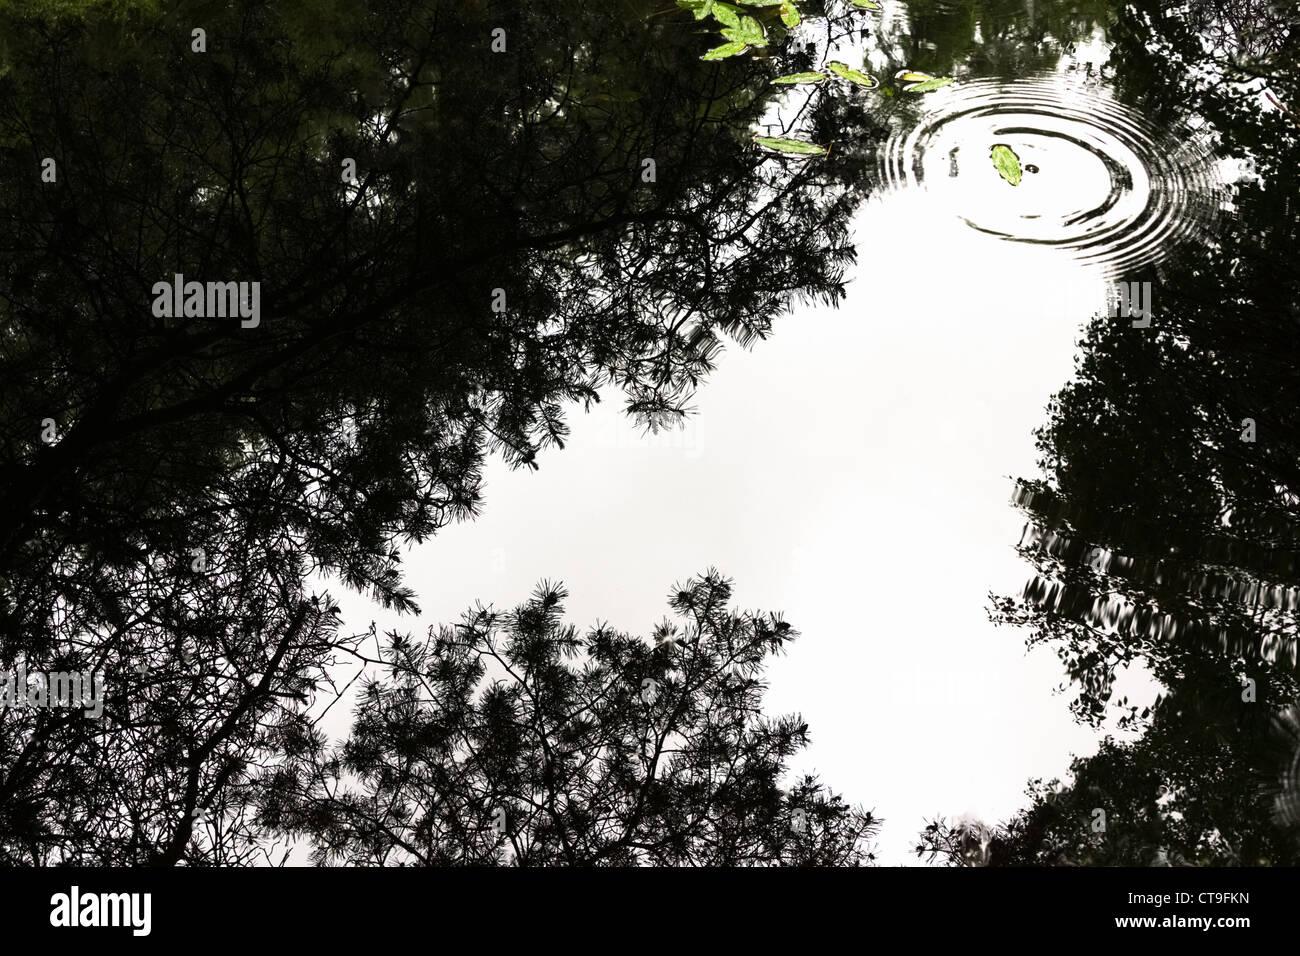 Las ondas de una gota de lluvia golpeando el agua inquietante un perfecto reflejo en un estanque en los bancos Allen Imagen De Stock